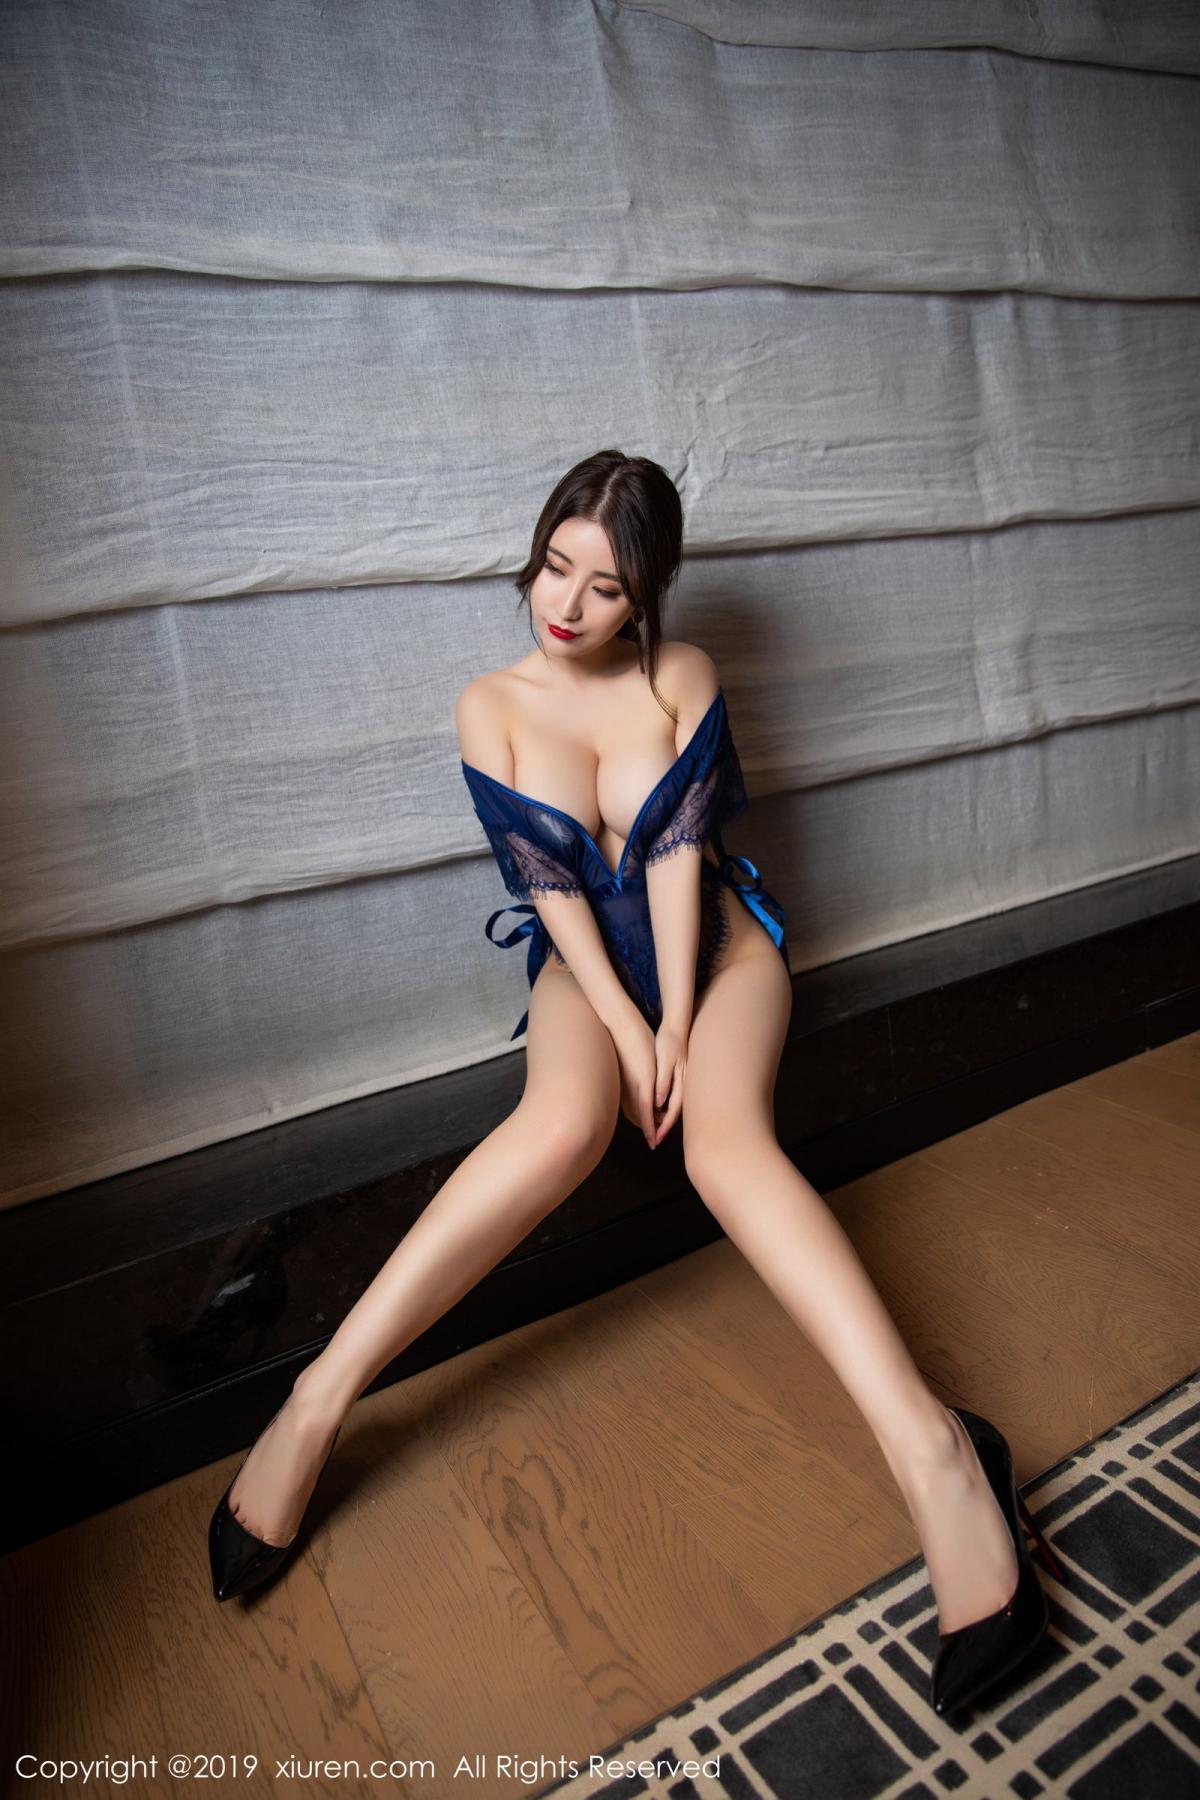 [XiuRen] Vol.1589 Xie Zhi Xin 55P, Sexy, Underwear, Xie Zhi Xin, Xiuren